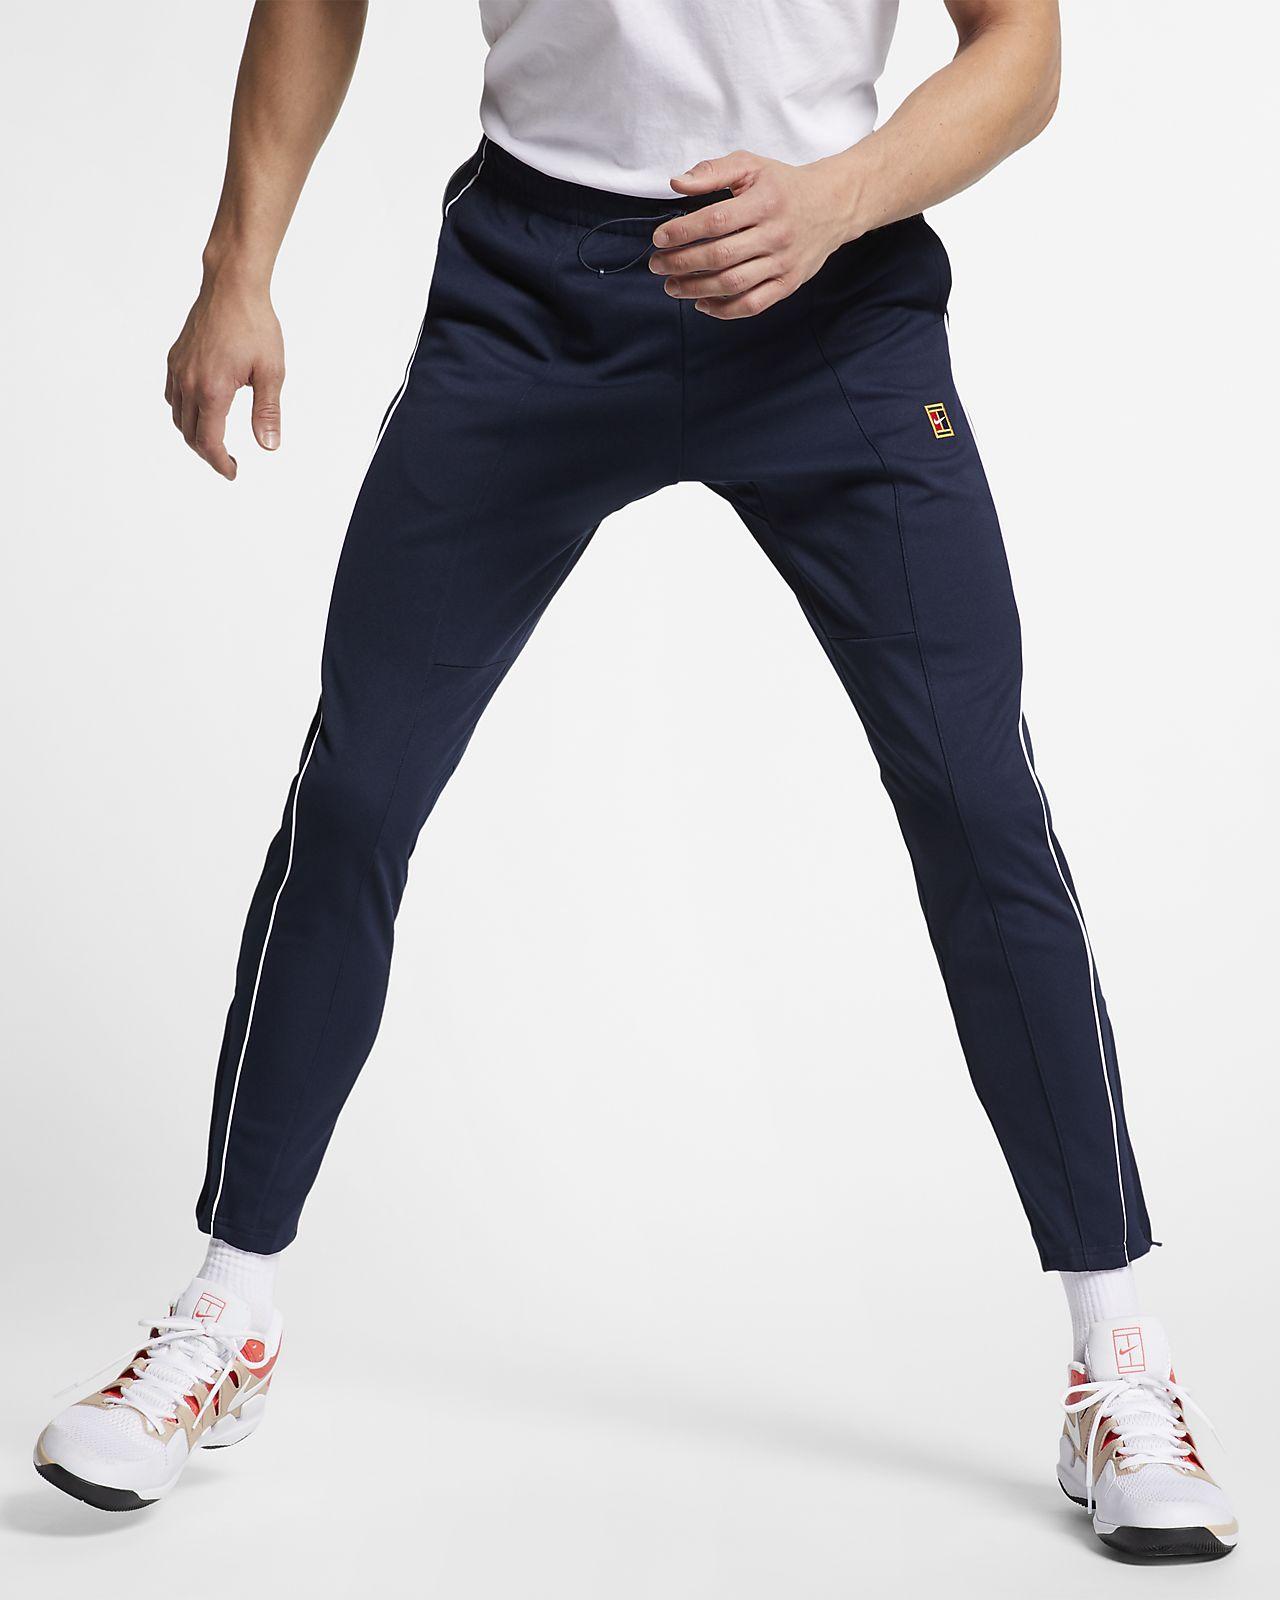 NikeCourt Erkek Tenis Eşofman Altı